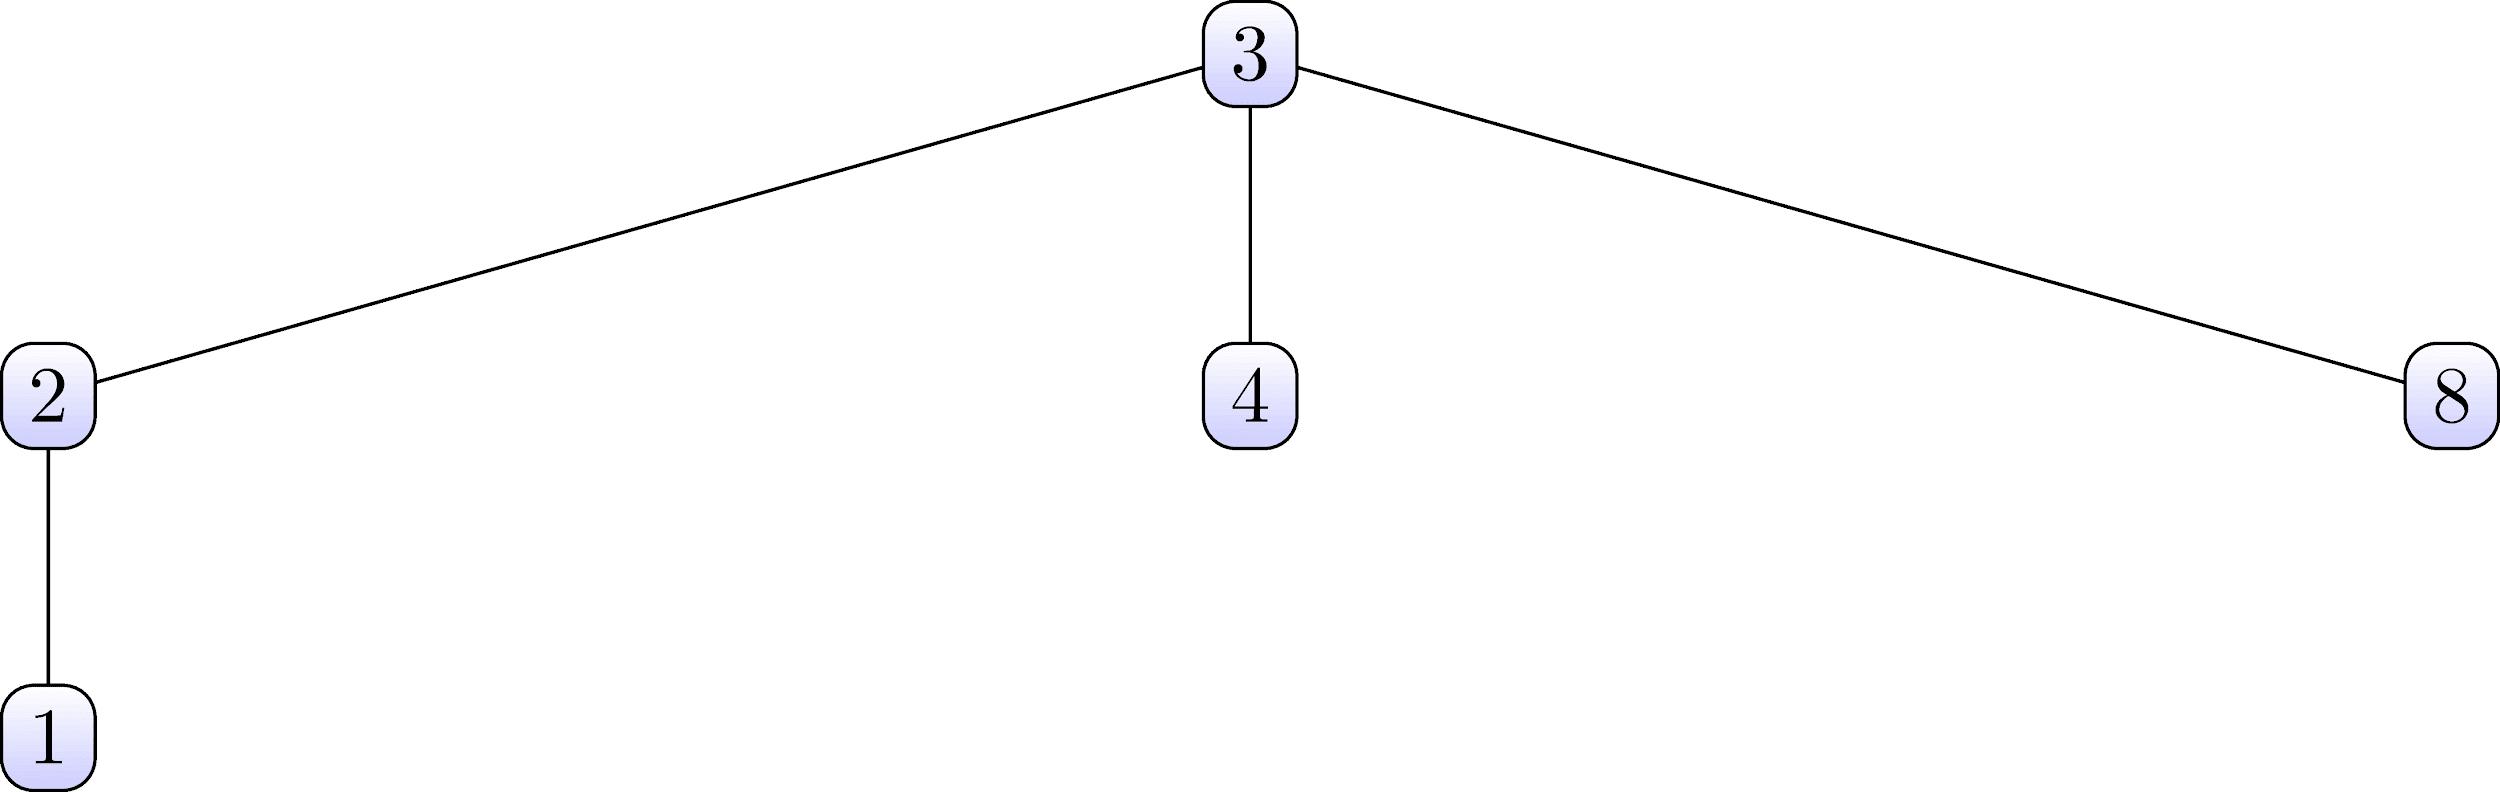 F#, алгоритм маркировки связных компонентов изображения — IT-МИР. ПОМОЩЬ В IT-МИРЕ 2021